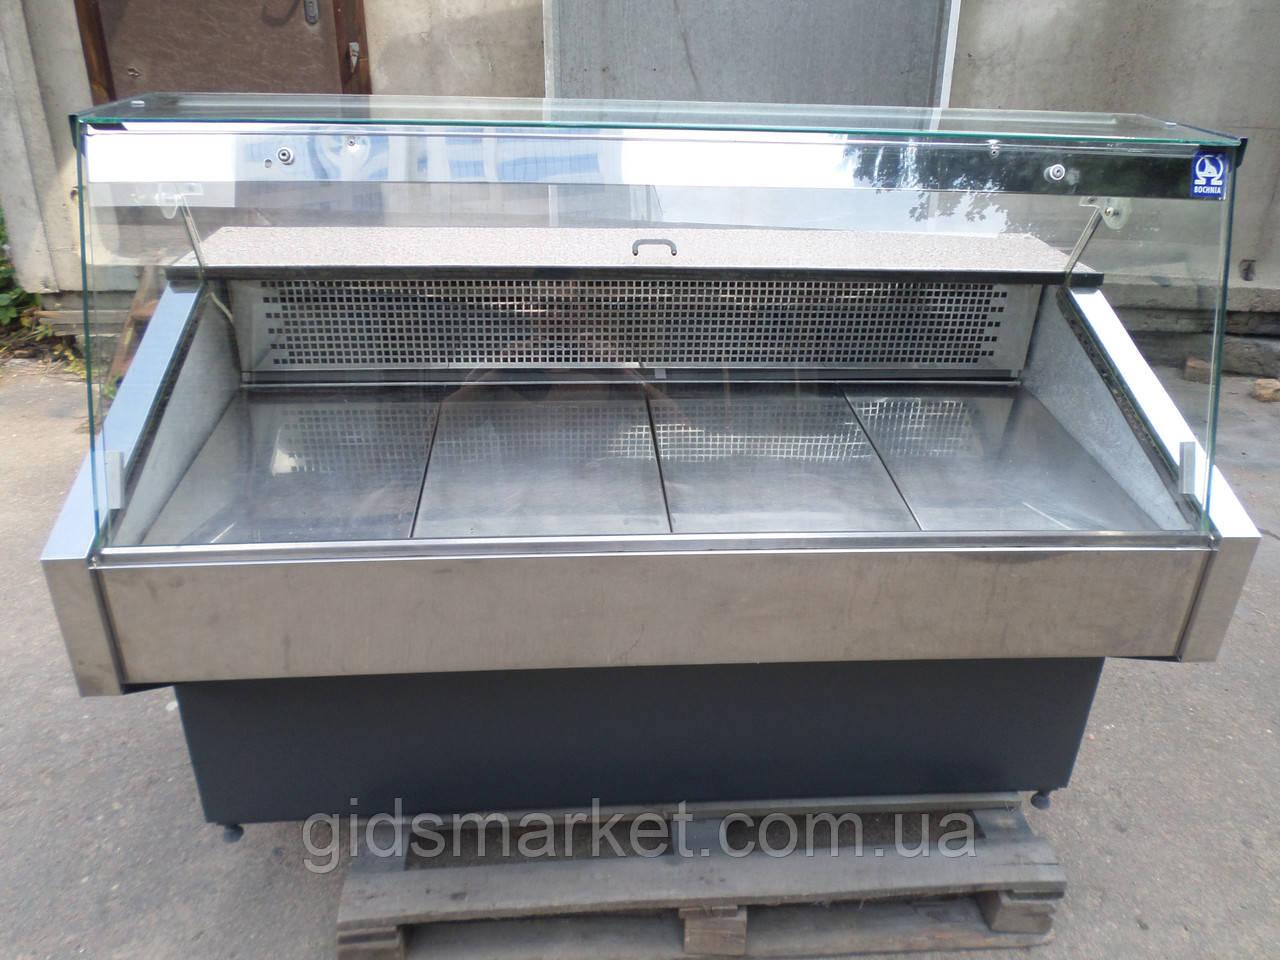 Холодильная витрина польская 120 см., 155 см. б у. Витрина холодильная б/у